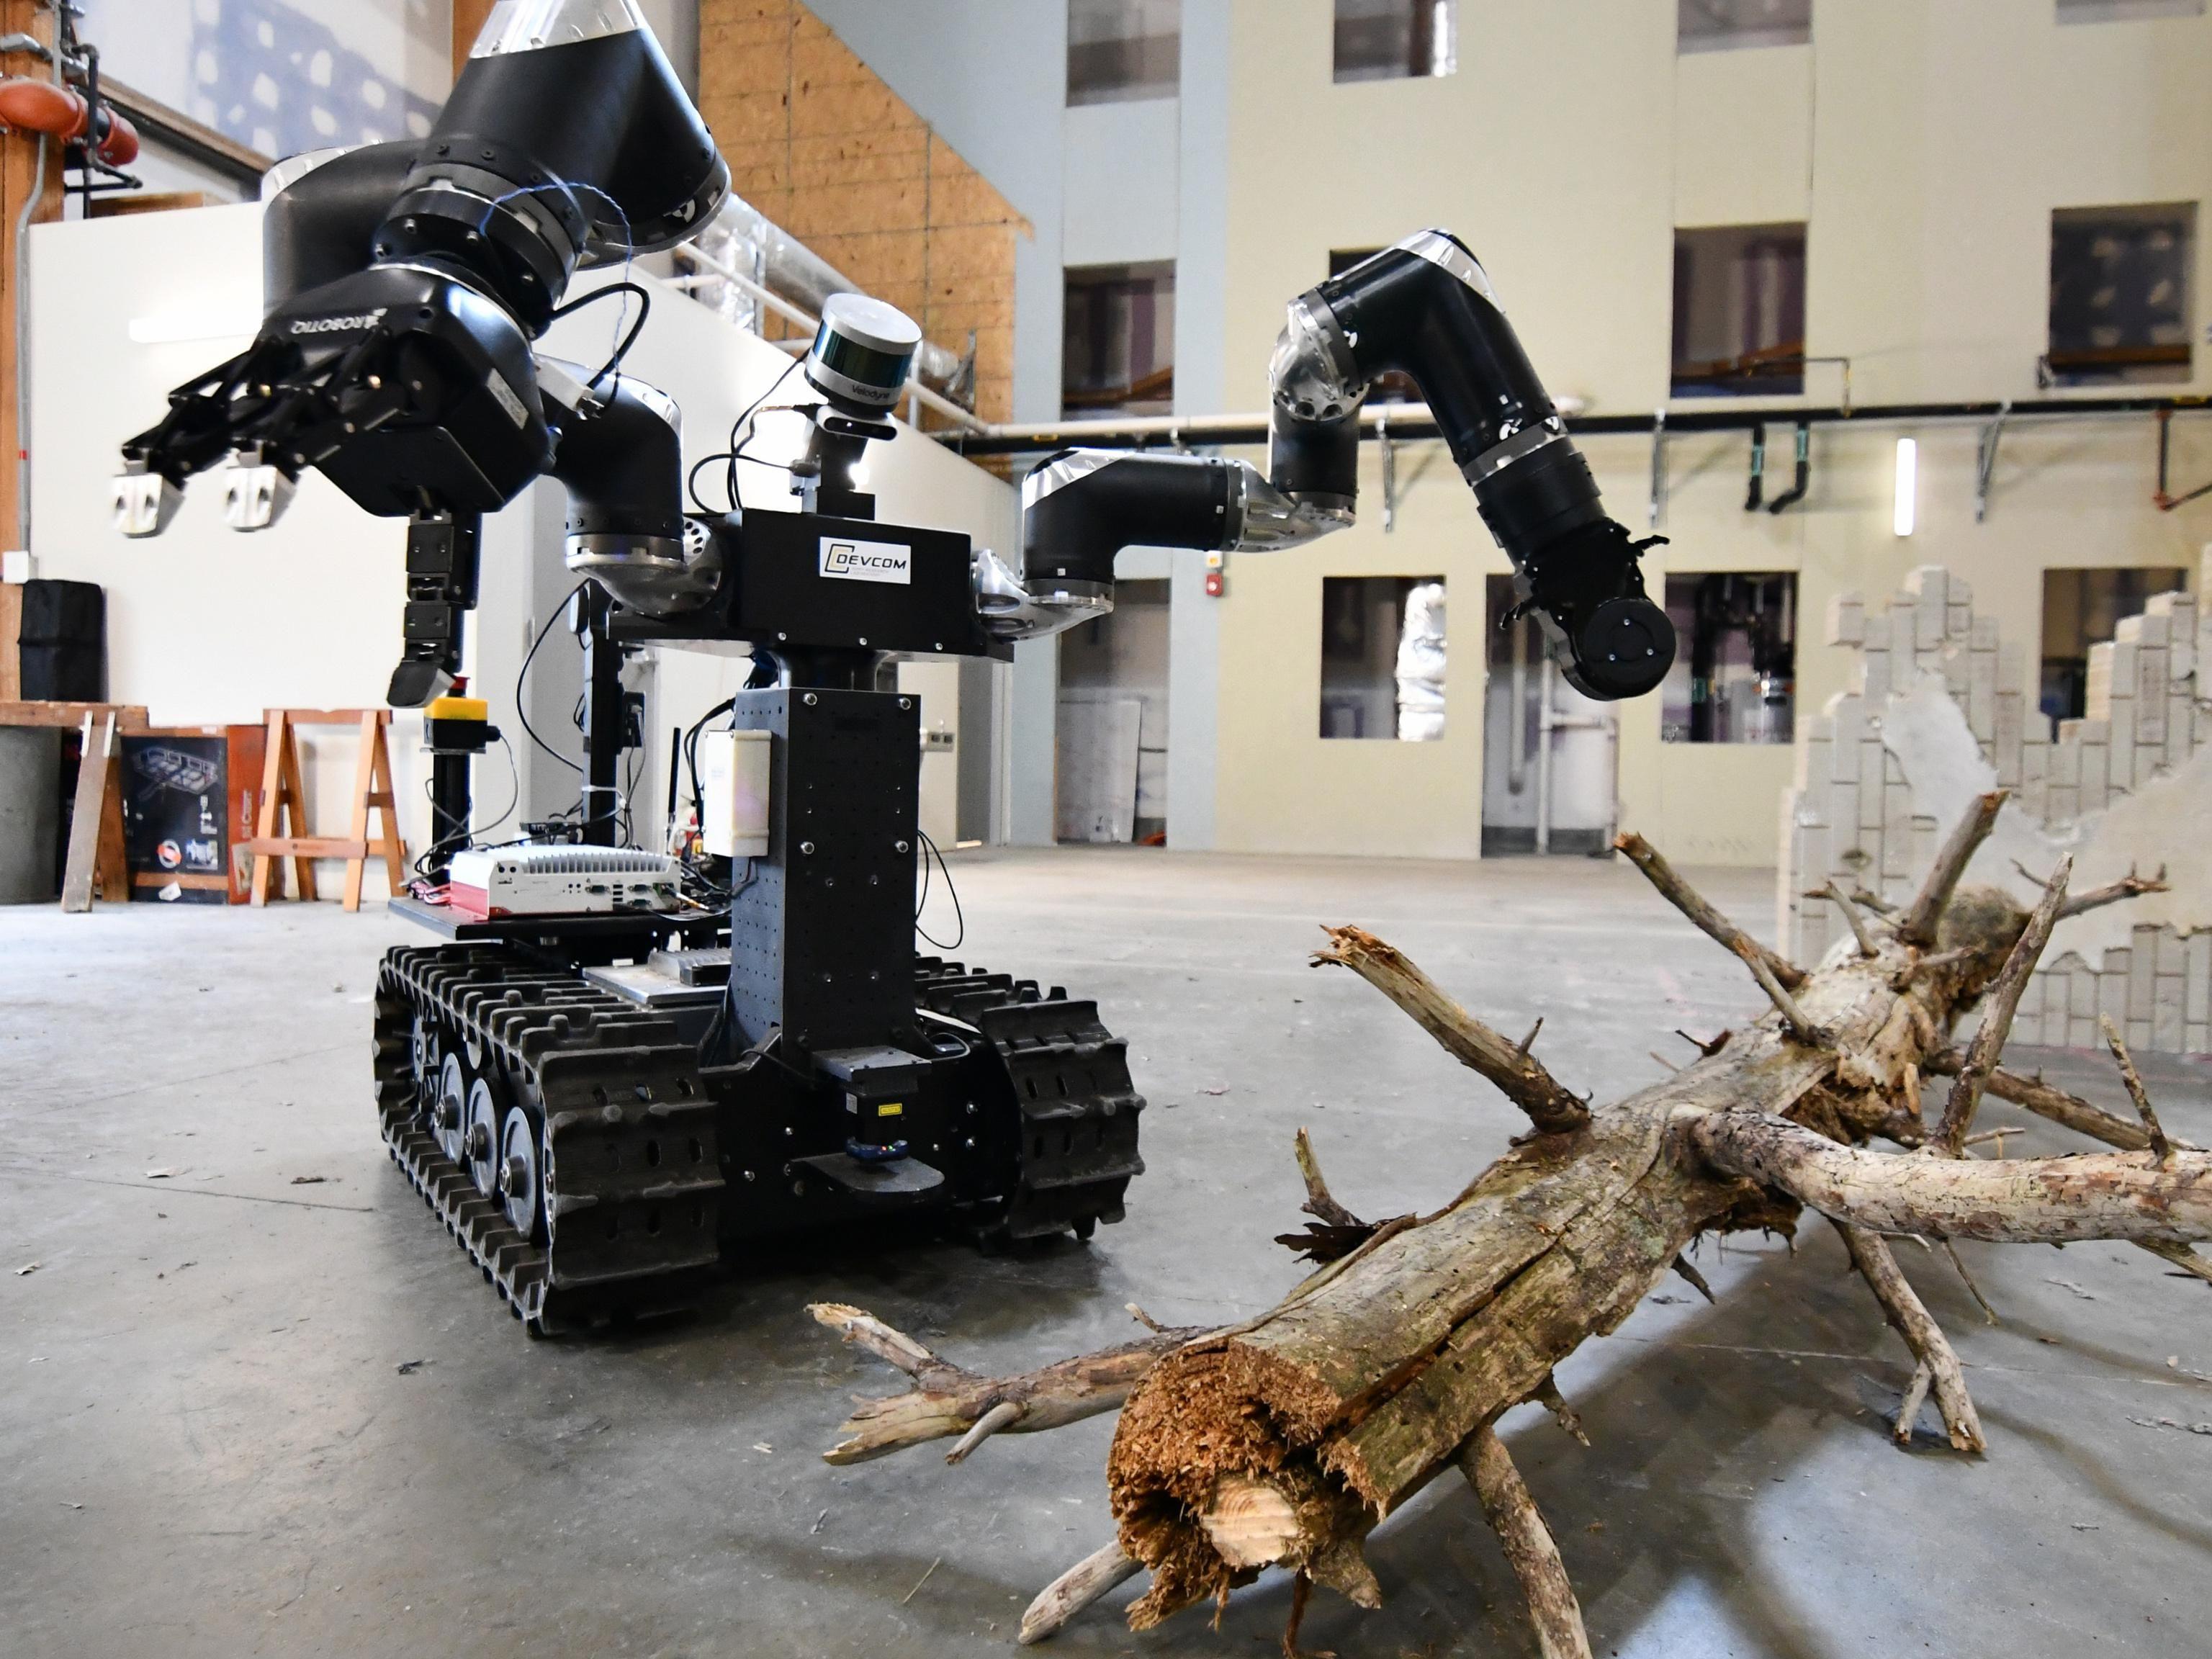 Robot with threads near a fallen branch